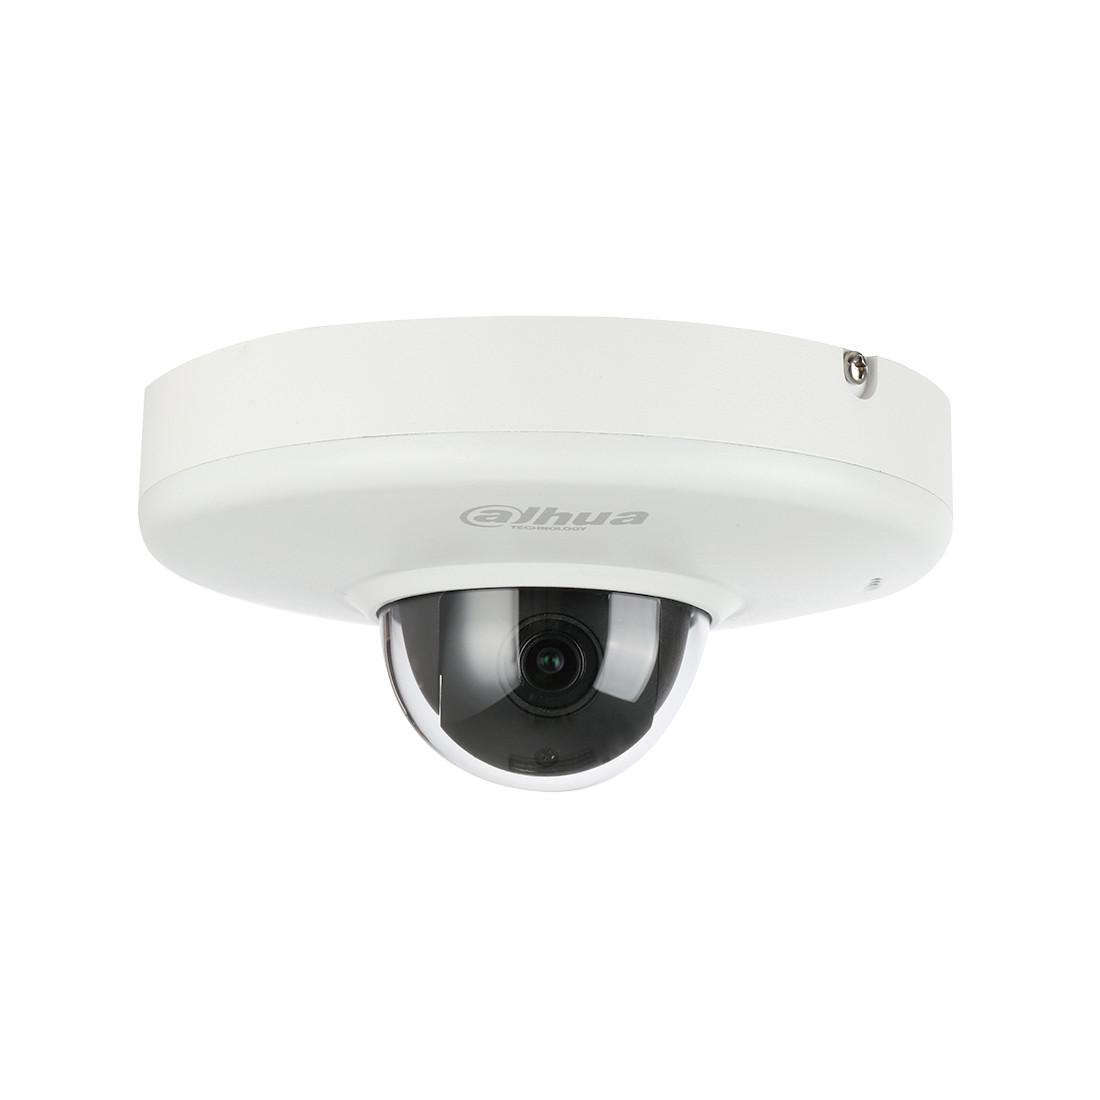 Поворотная сетевая видеокамера Dahua DH-SD12200T-GN